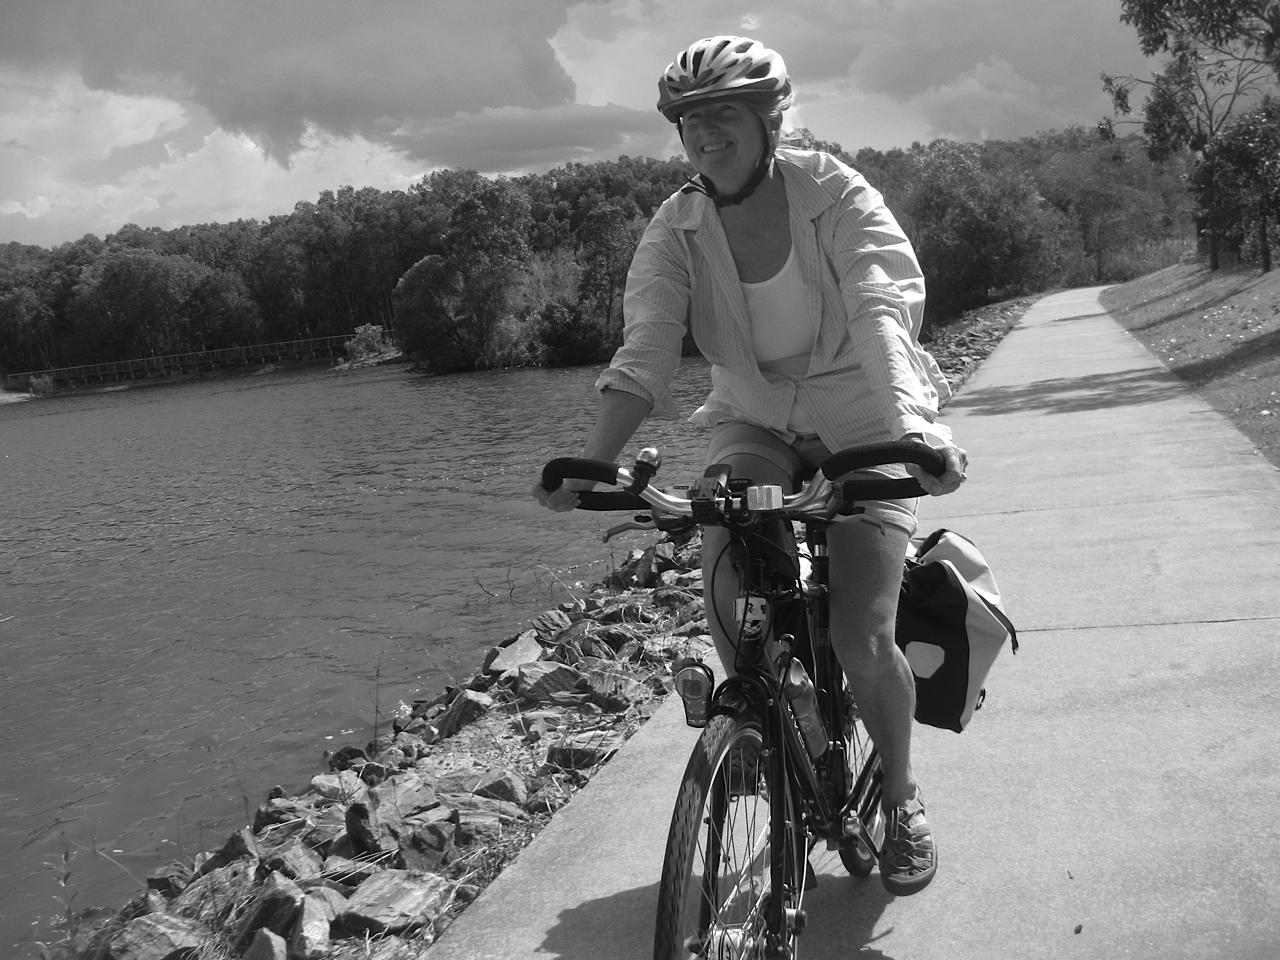 Gail from A Bike 4 All Seasons